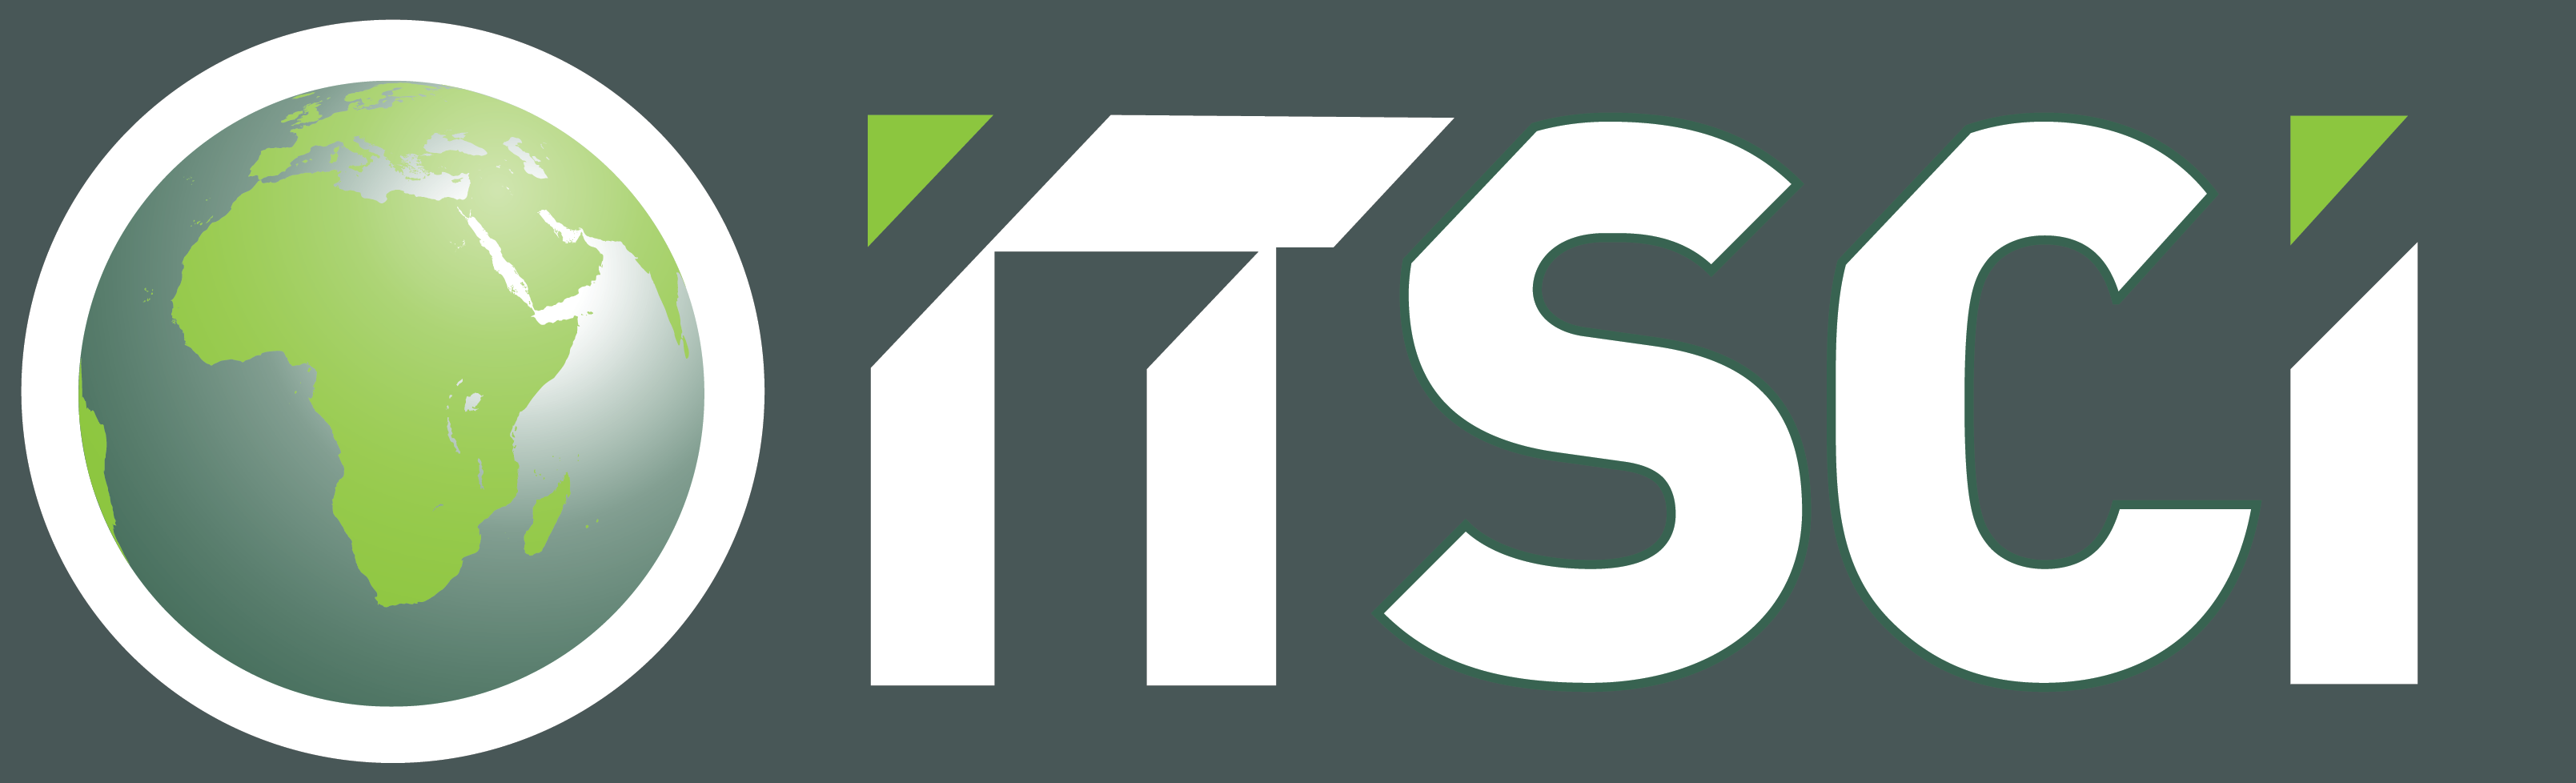 ITSCI Logo